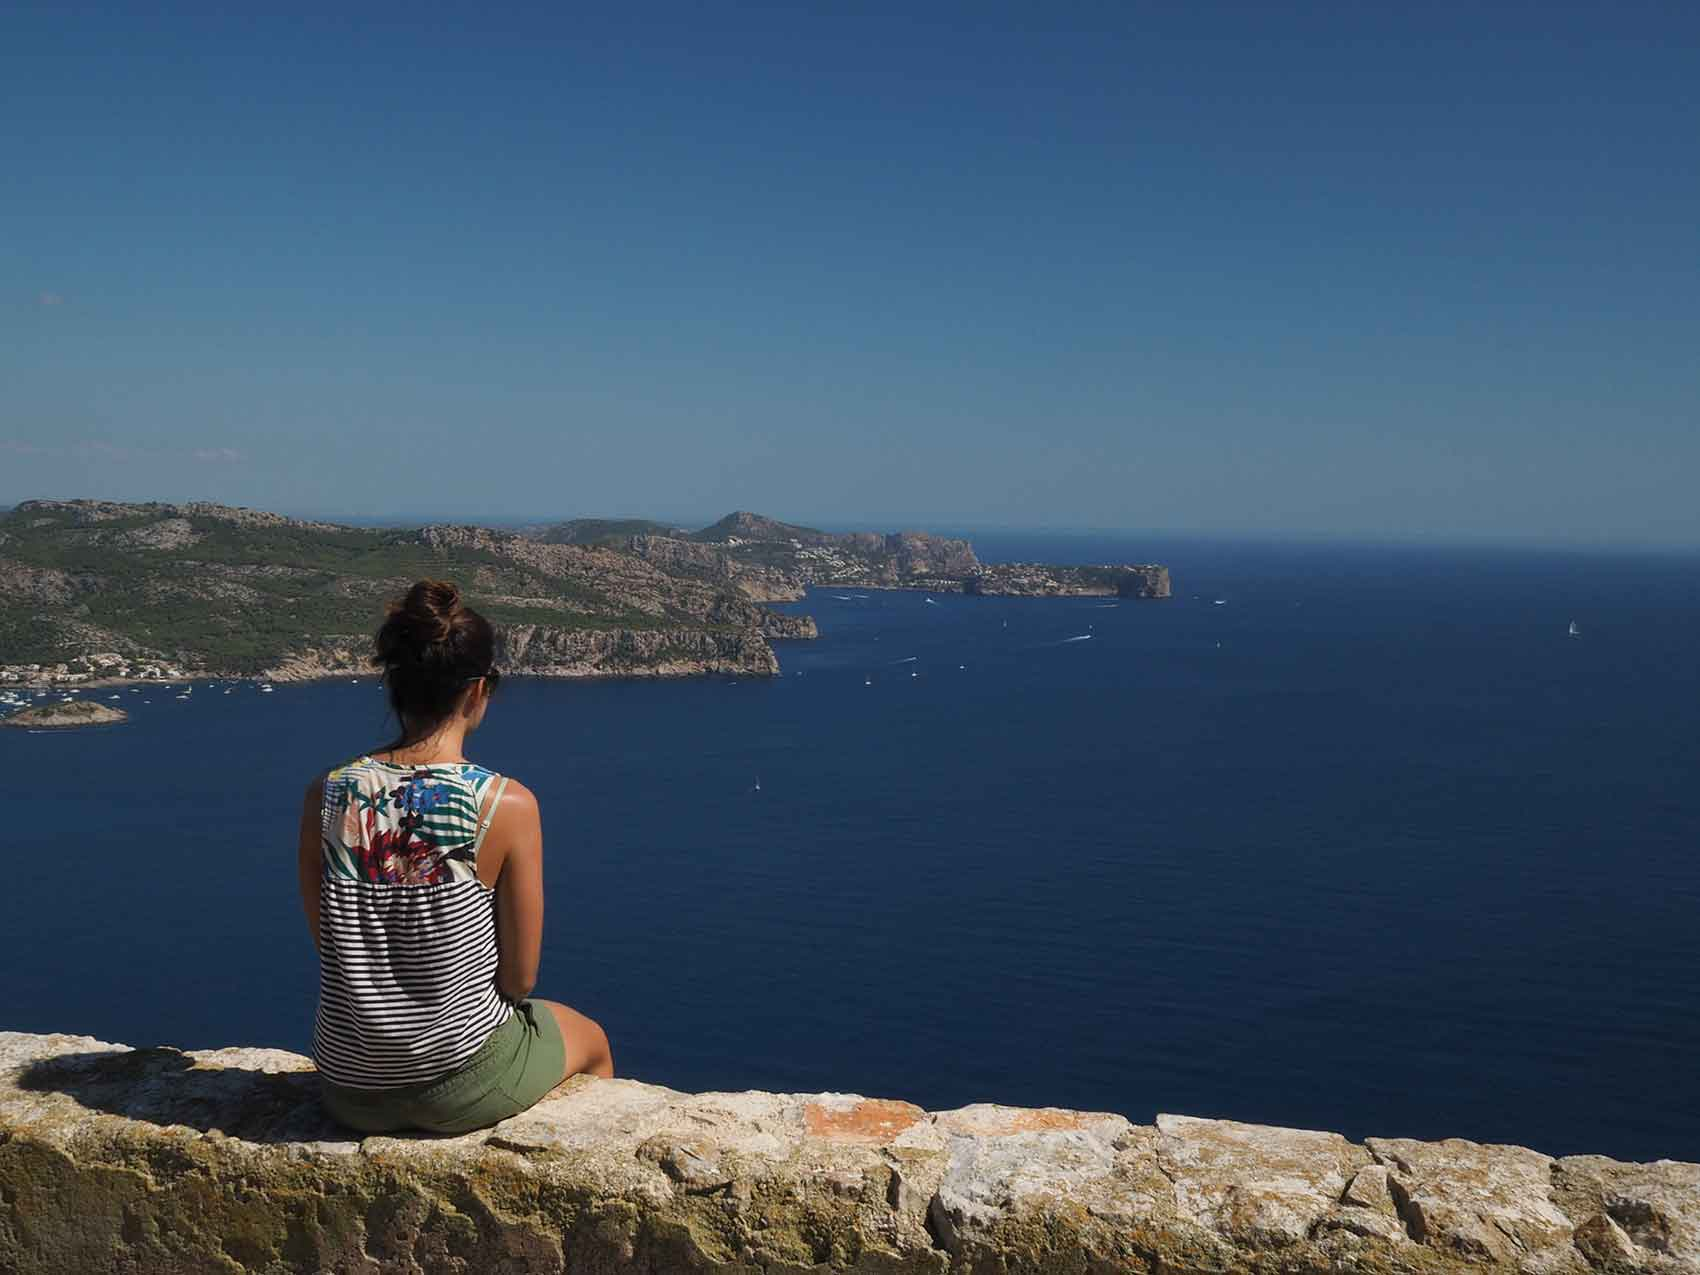 Anaïs face à la côte de Majorque, sur l'île Sa Dragonera.